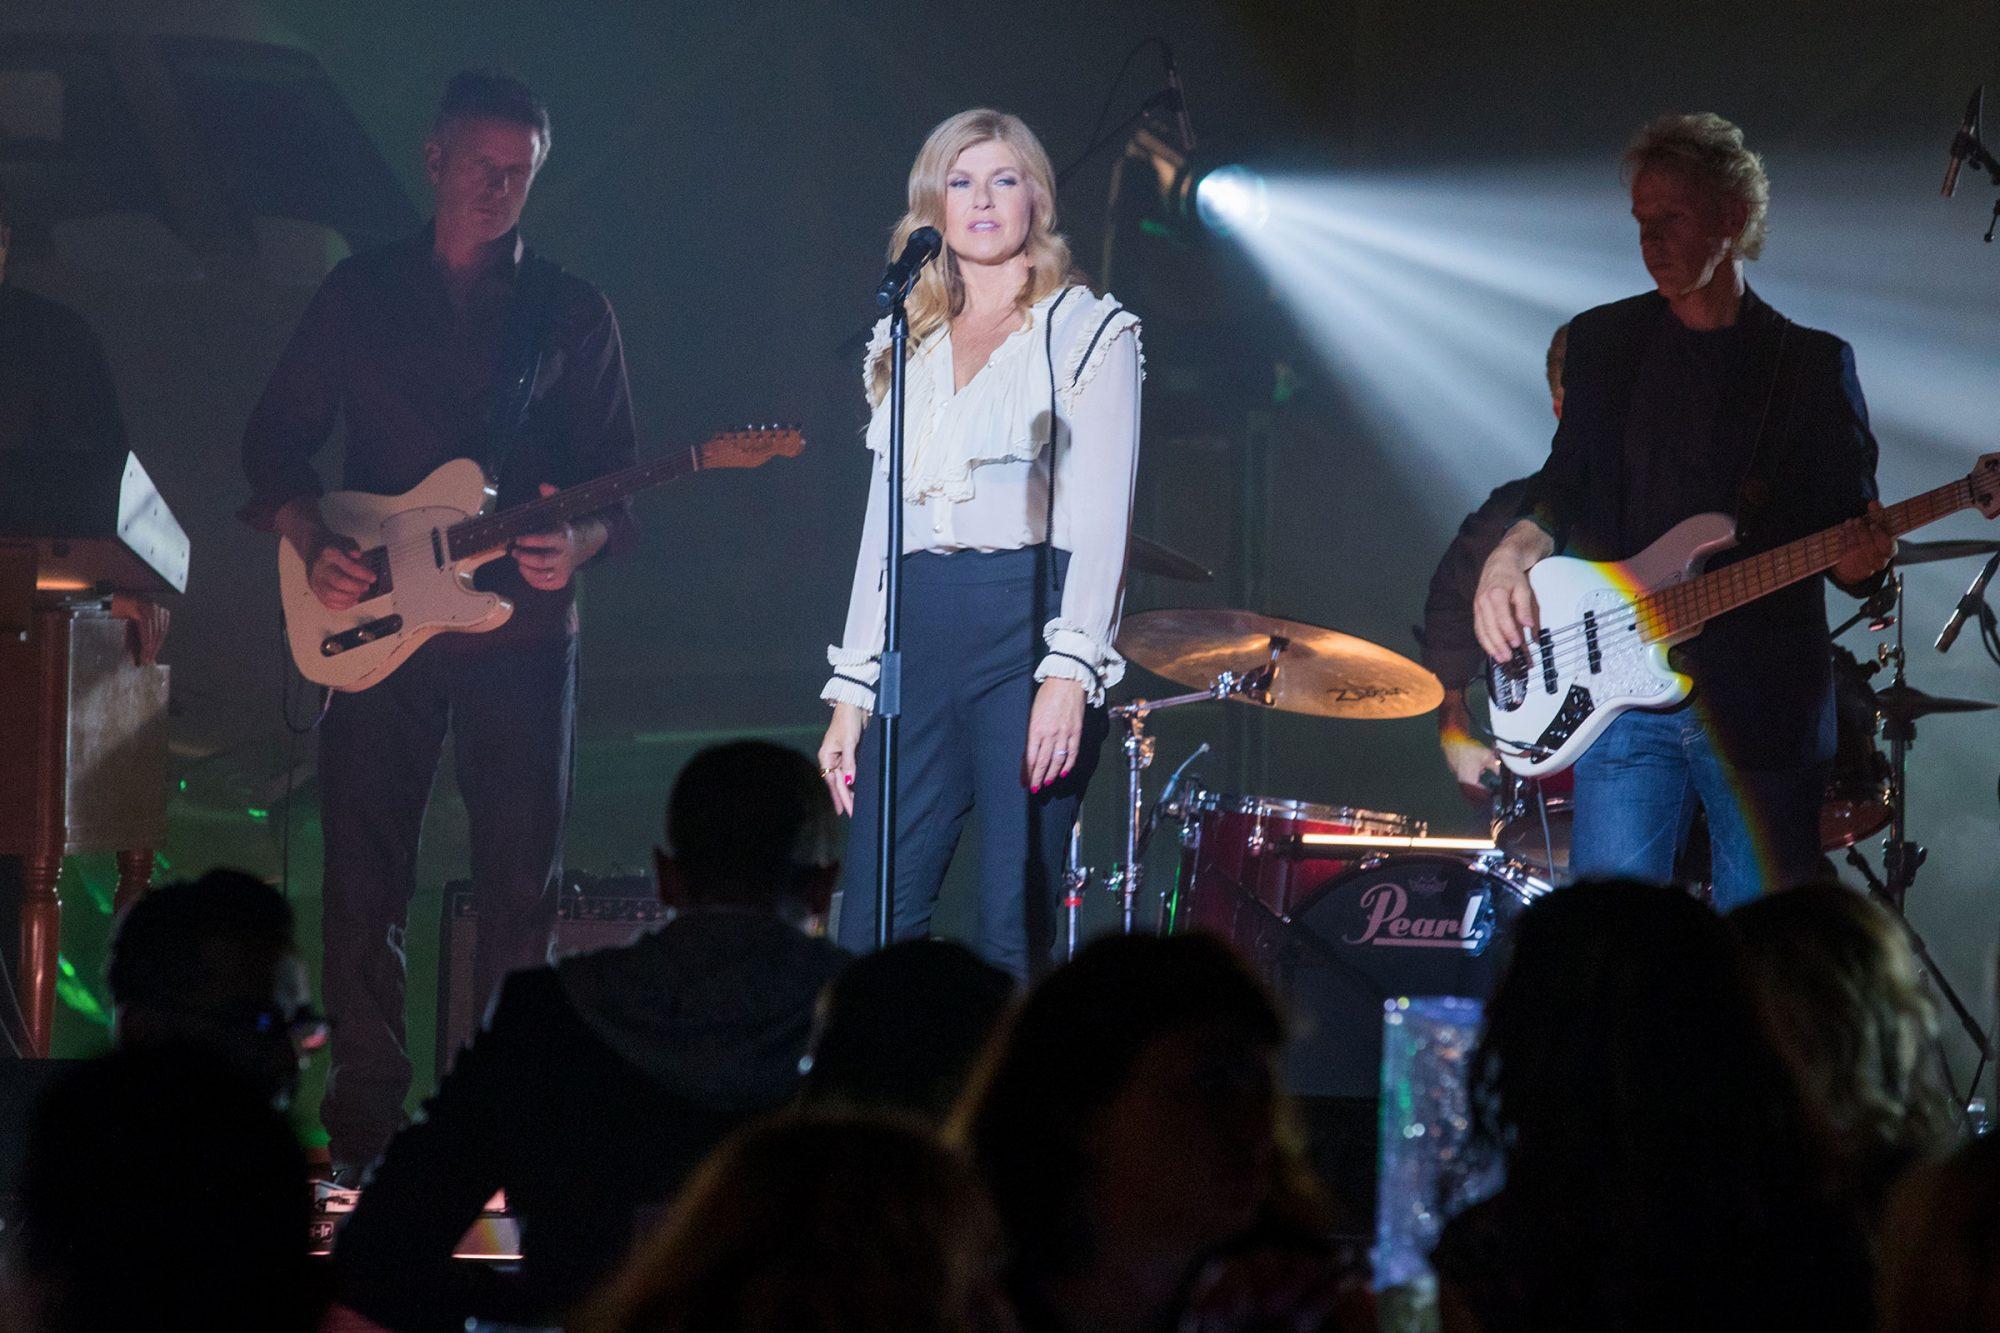 NashvilleSeason 5, Episode 1Air Date: 1/5/17Connie Britton